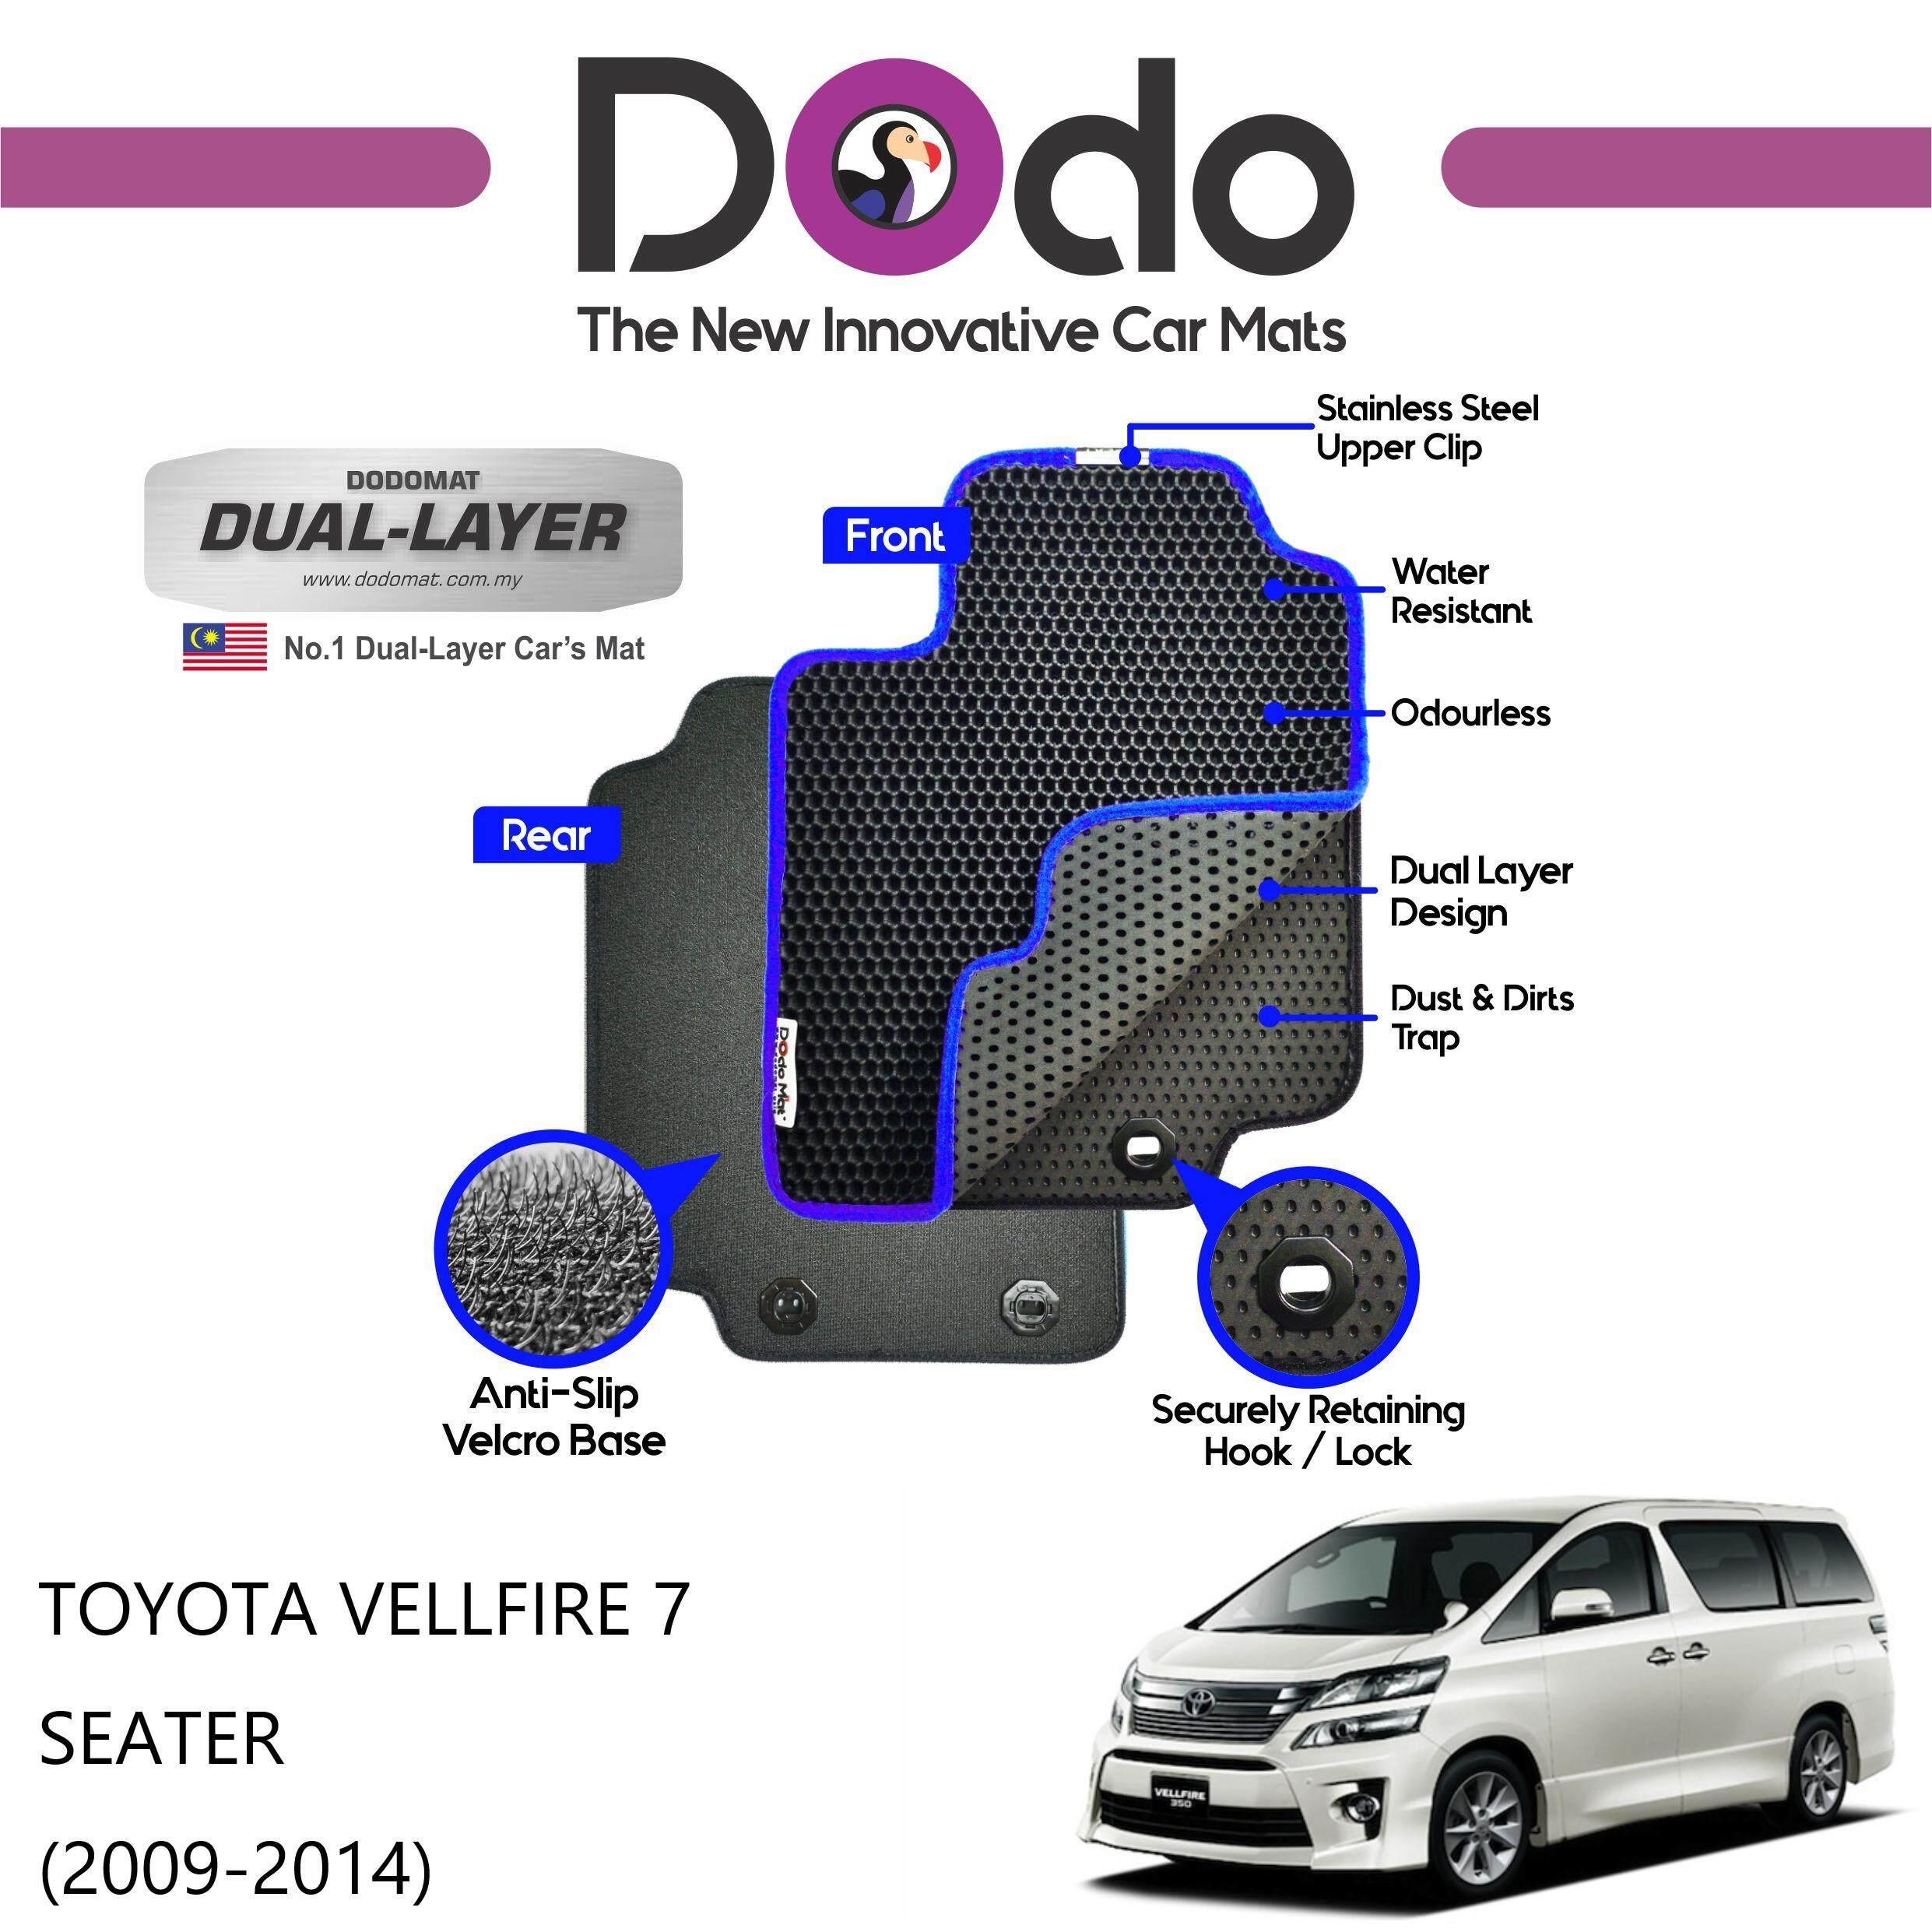 DODOMAT Car Mat TOYOTA VELLFIRE 7 SEATER (2009-2014) BASIC